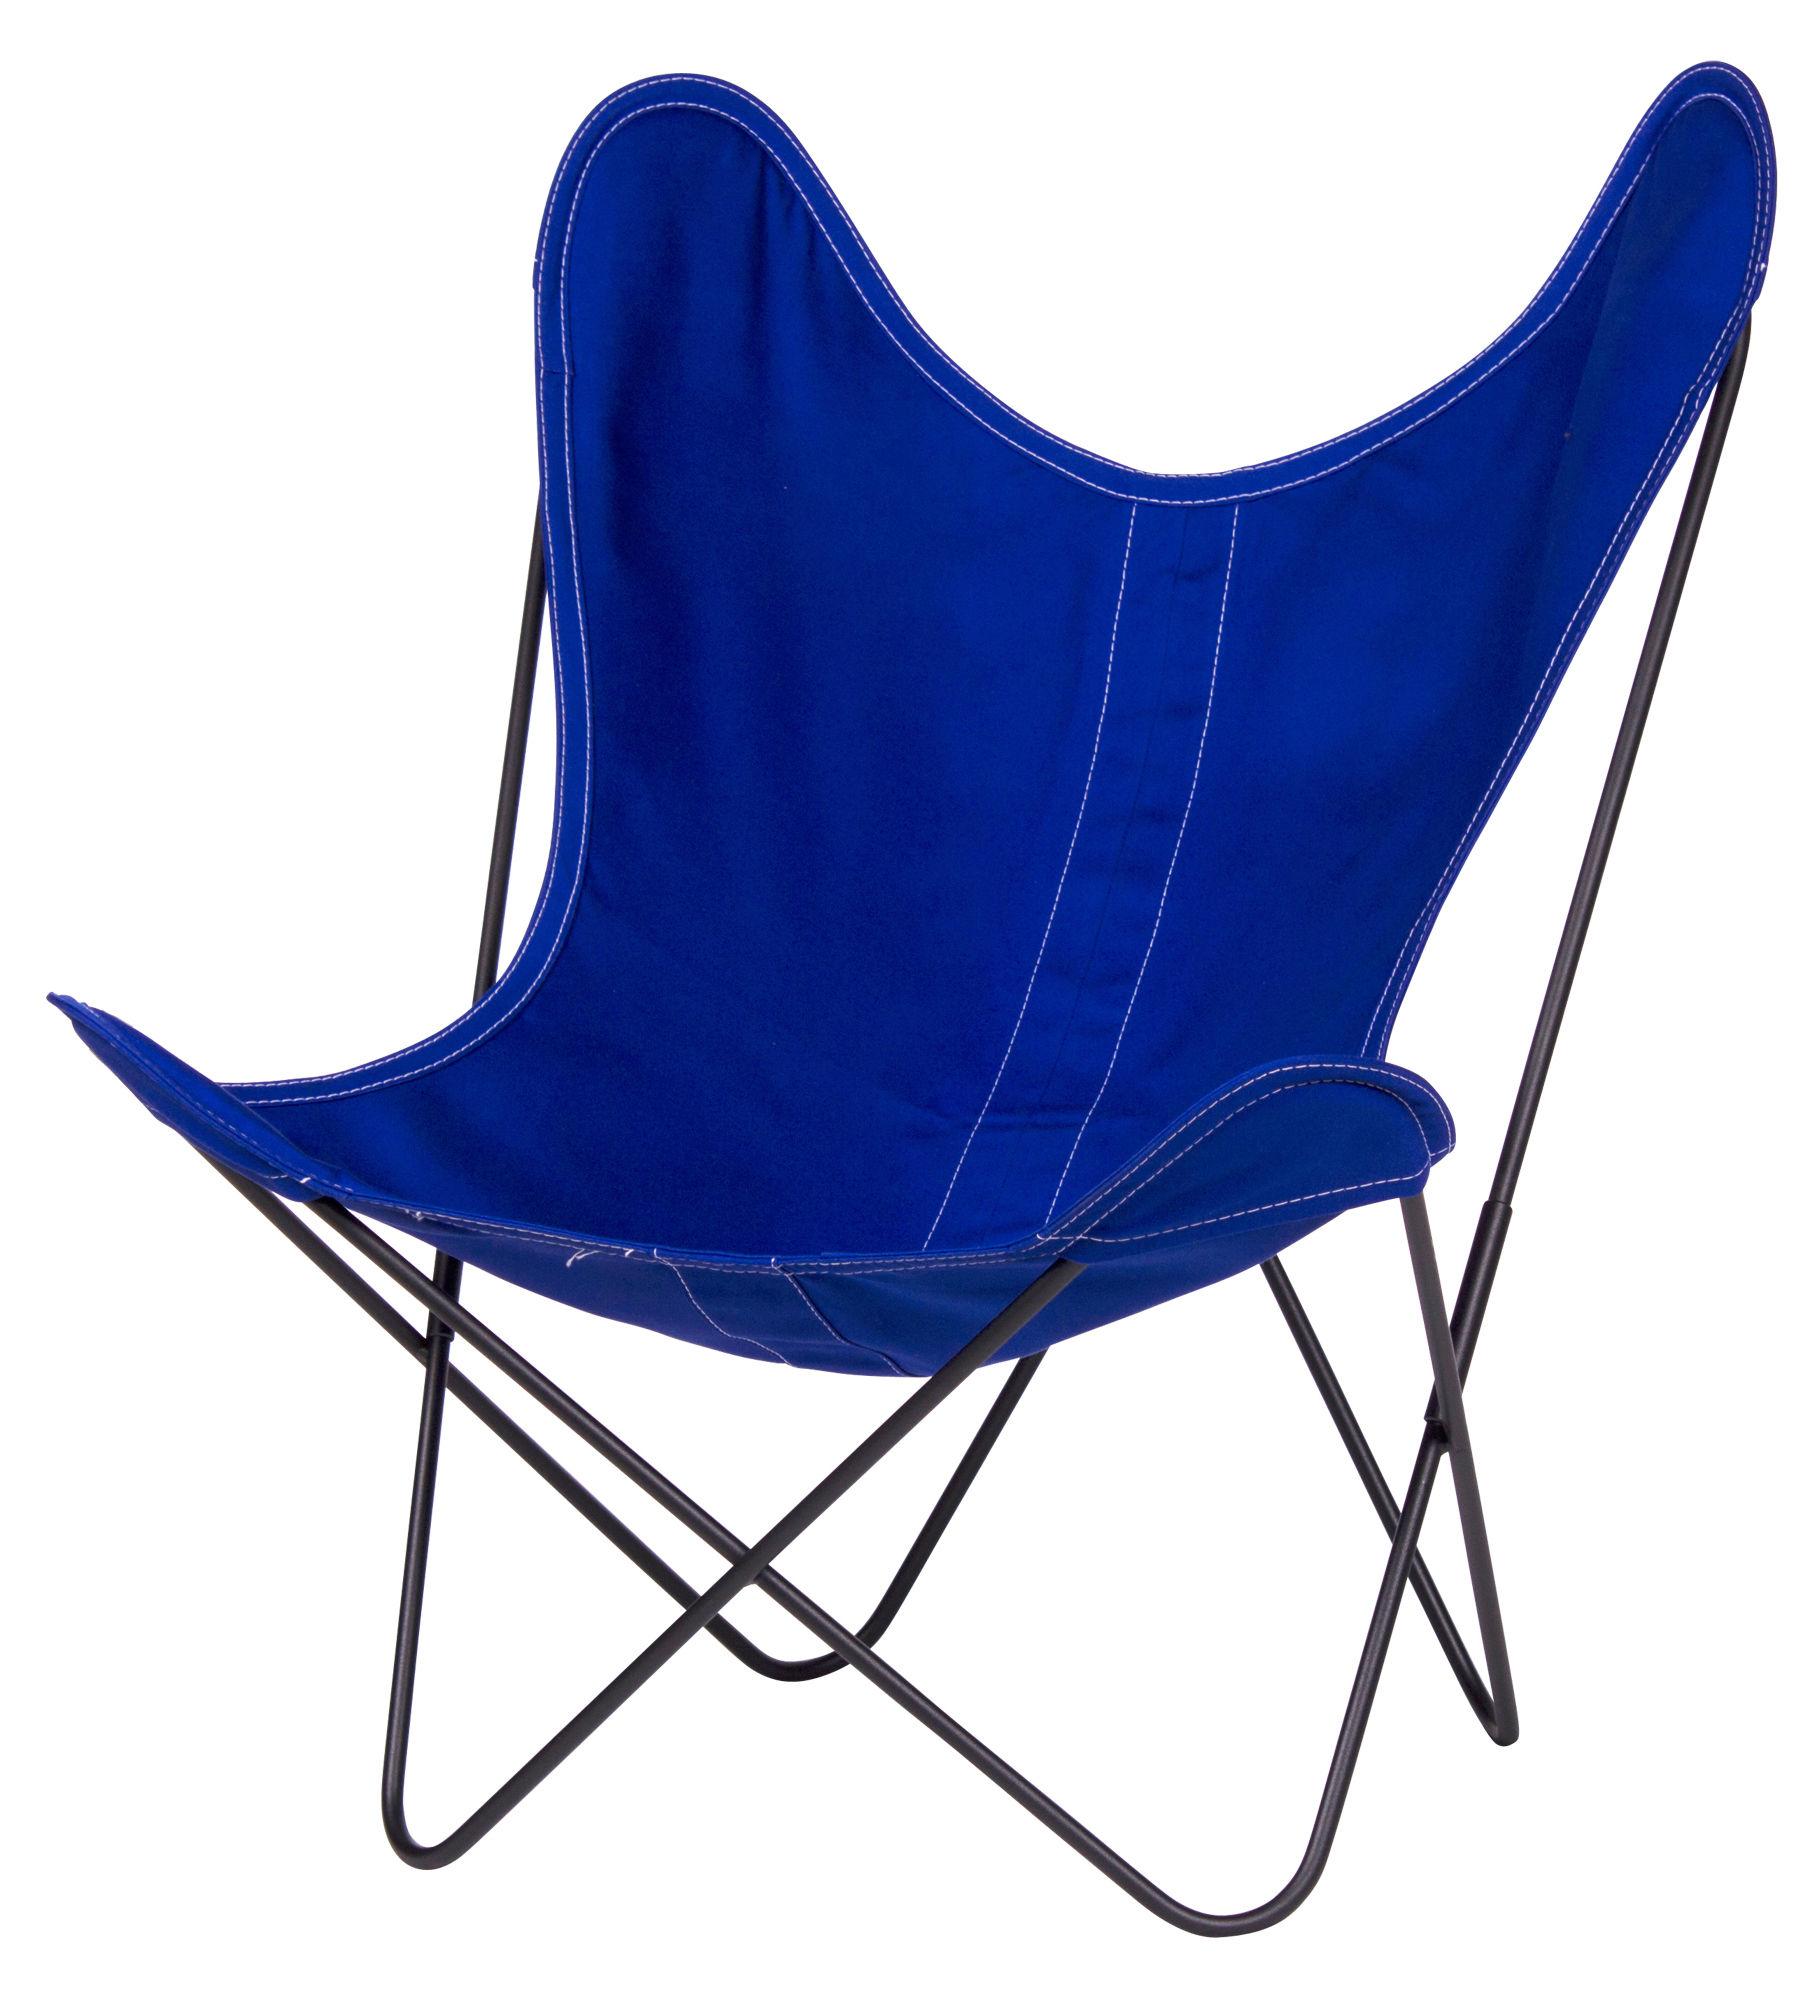 Mobilier - Mobilier Kids - Fauteuil enfant AA Baby Butterfly toile - AA-New Design - Bleu Ciel / Structure noire - Acier laqué, Toile